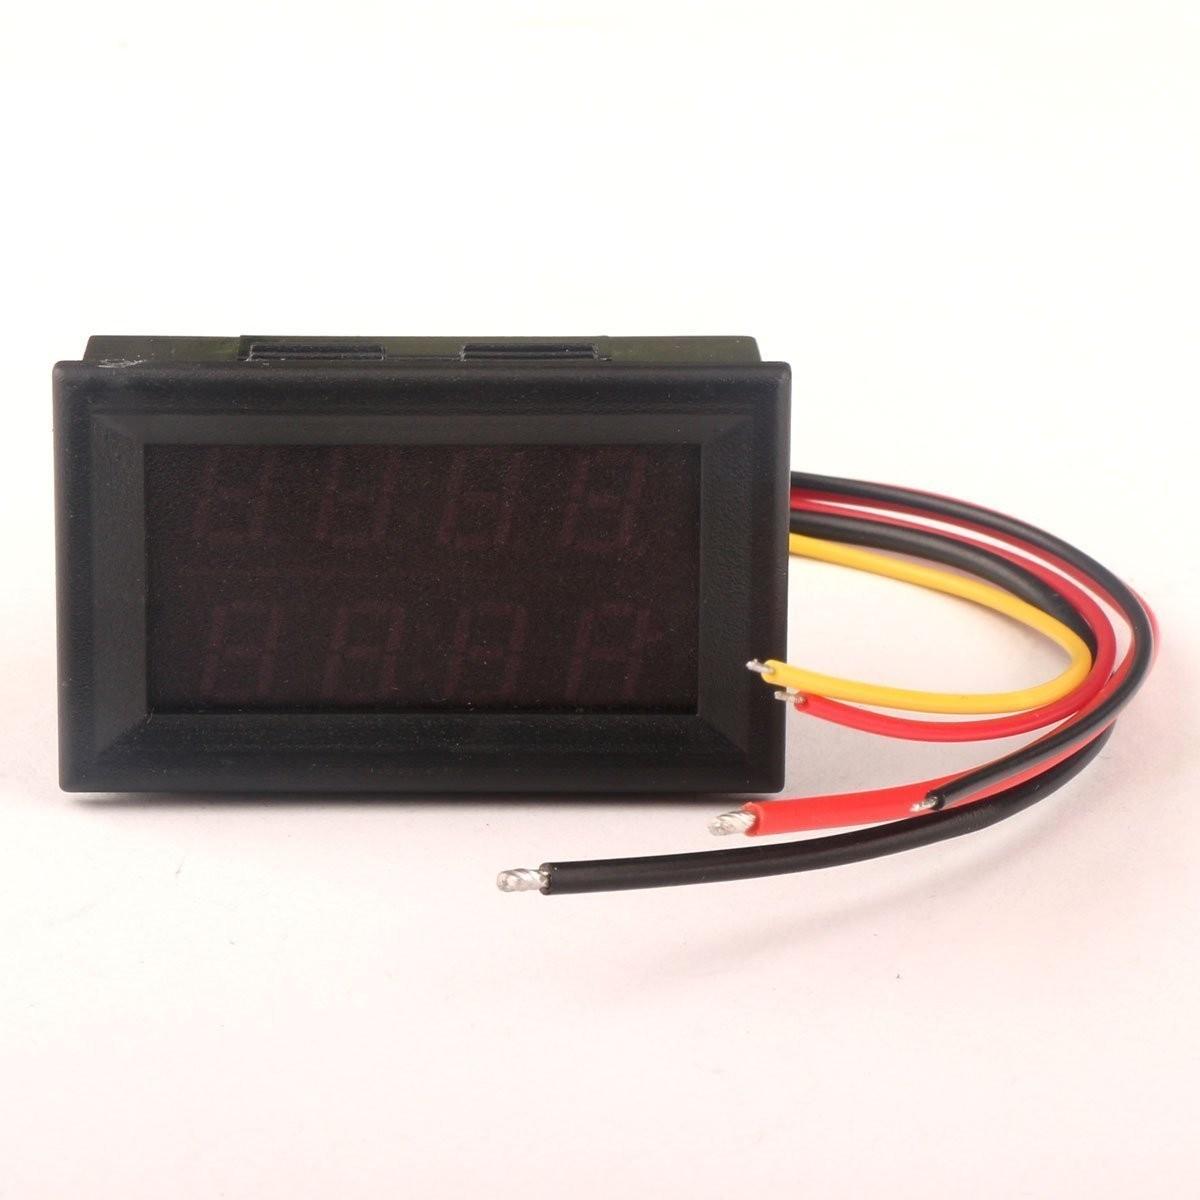 Riorand Digital Voltmeter Ammeter Gauge Dc 0 33v 3a 12v Voltage Top Popular Multimeter Circuit Tester With Lightbox Moreview